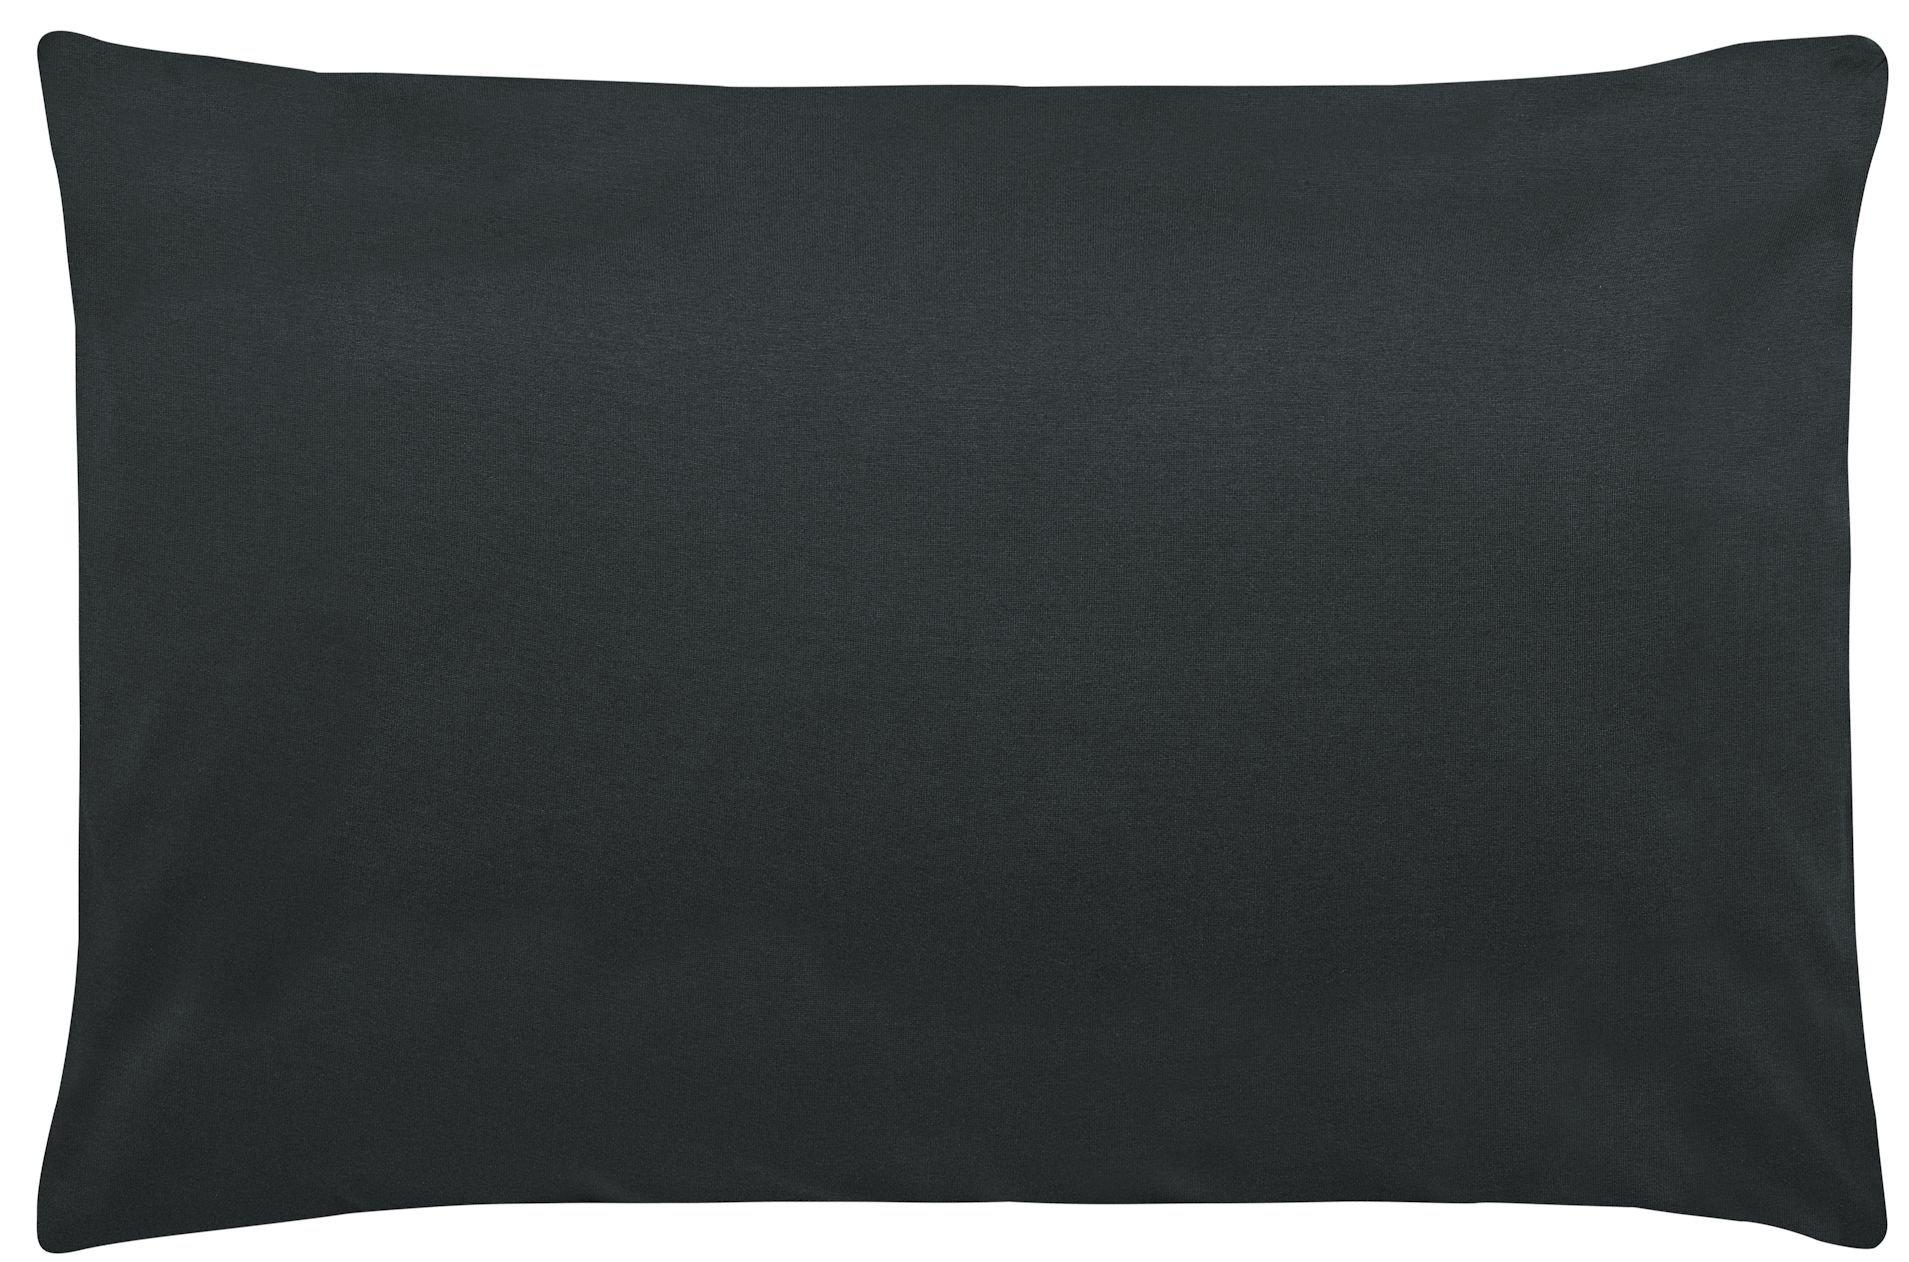 K.-Bezug onyx 40x60cm